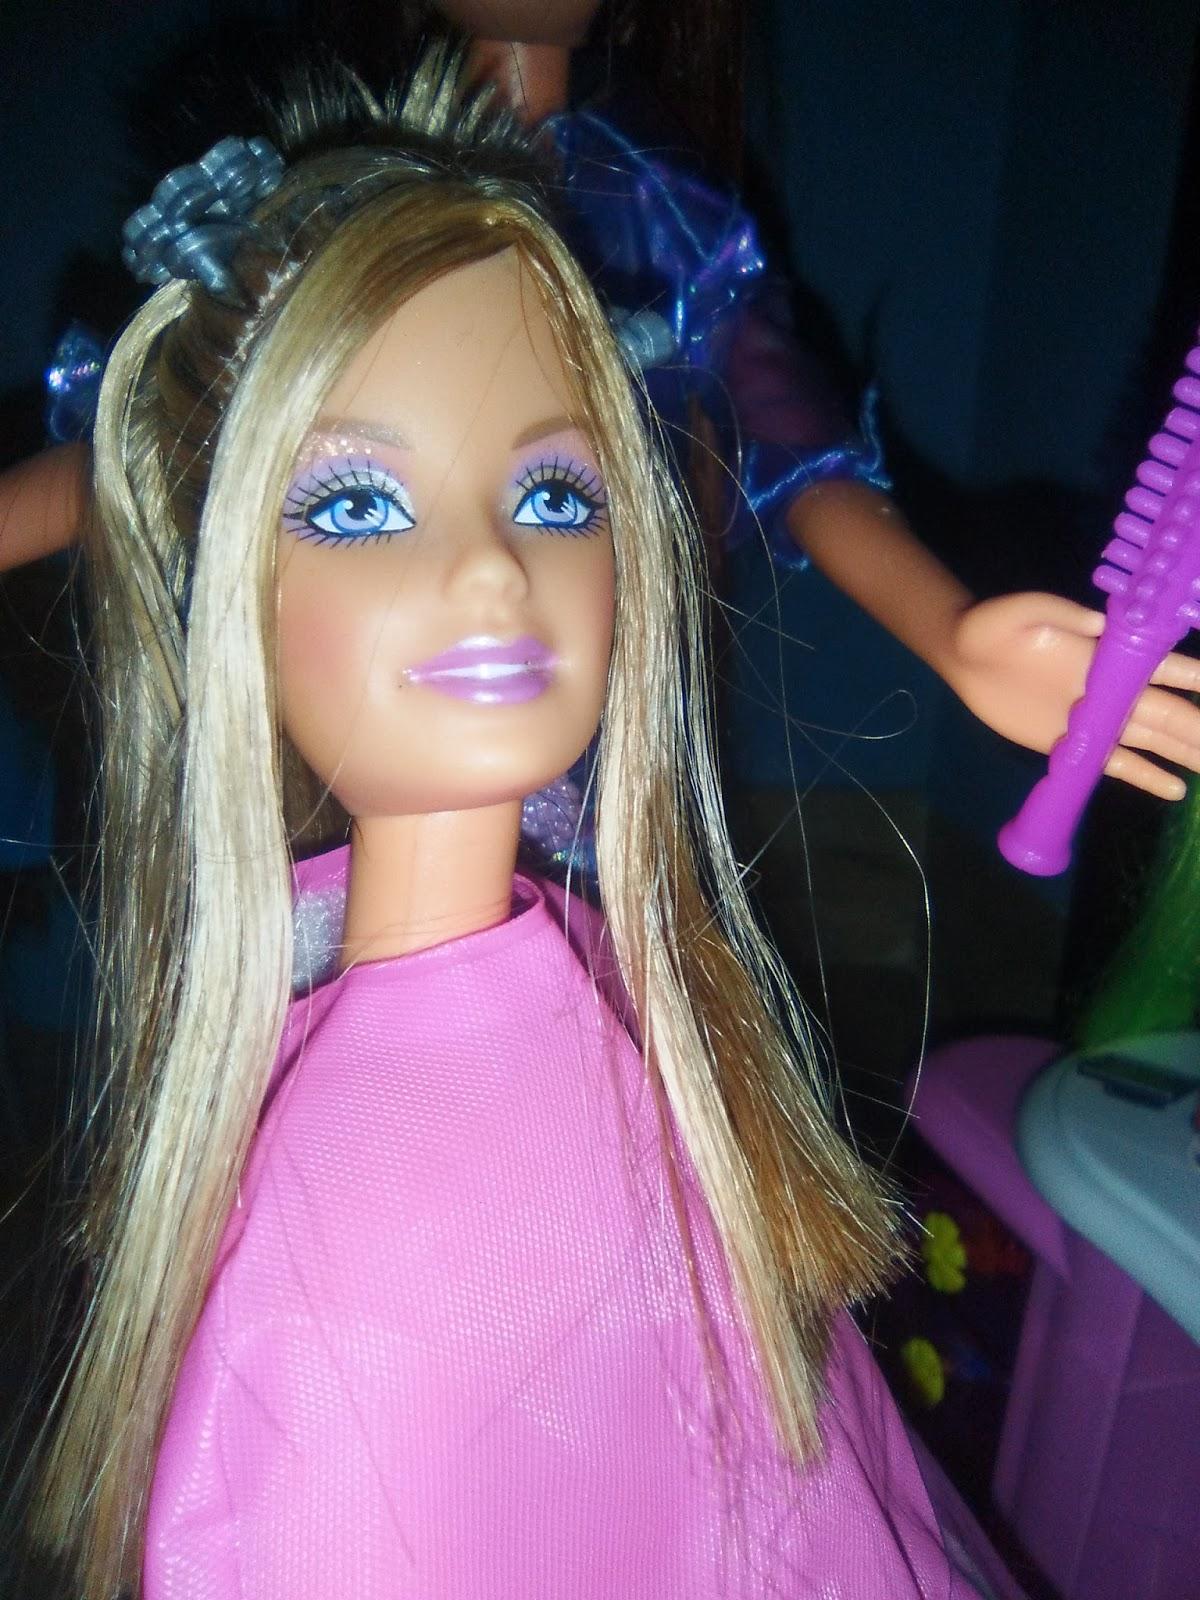 JUGAR GRATIS Peinar barbie real FAN DE JUEGOS